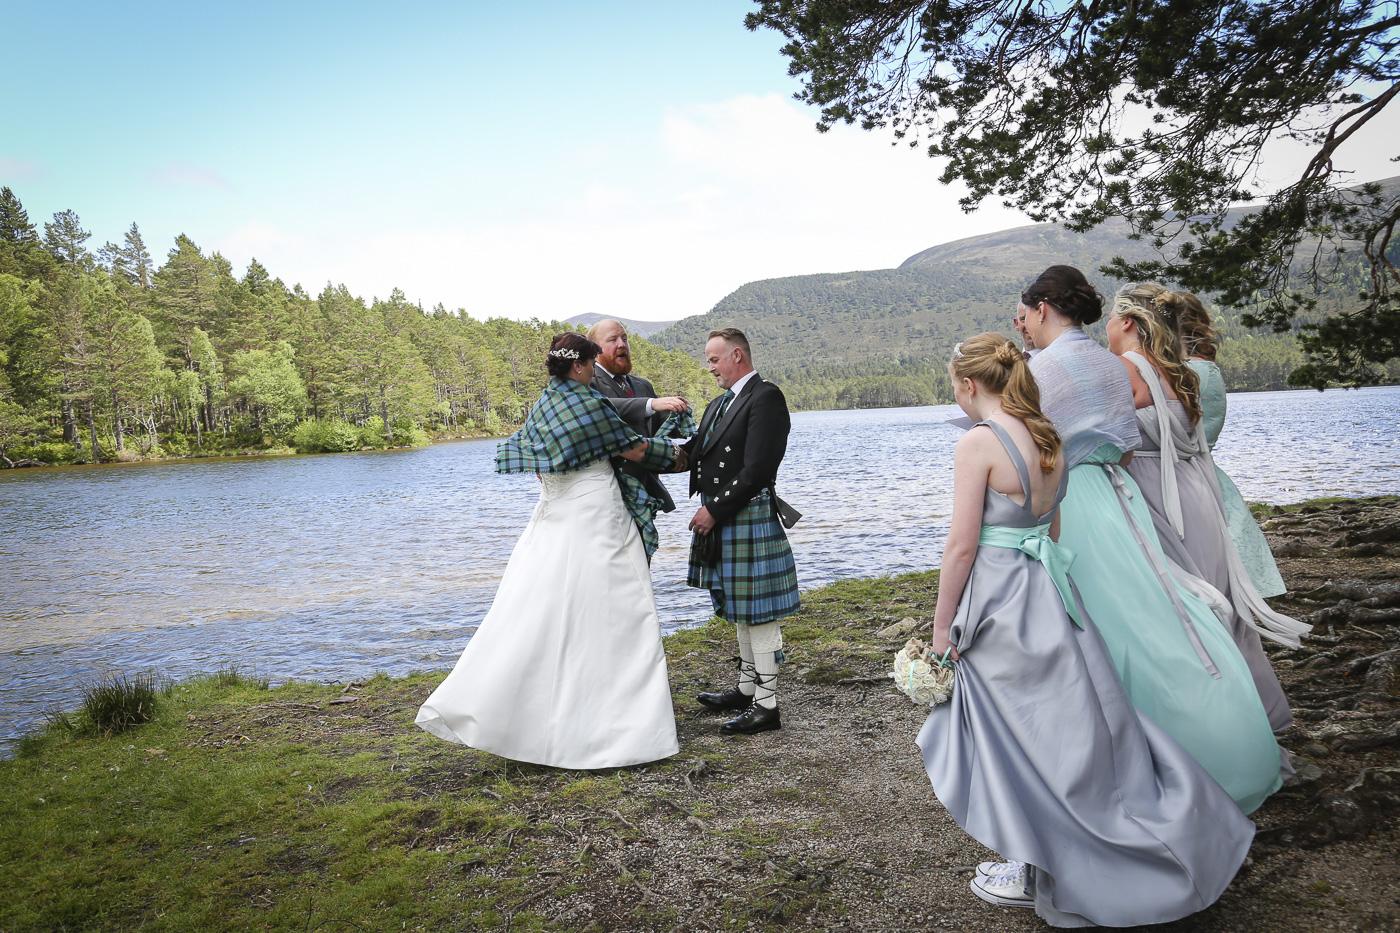 wedding photography at Loch an Eilein, Rothiemurchus-3953